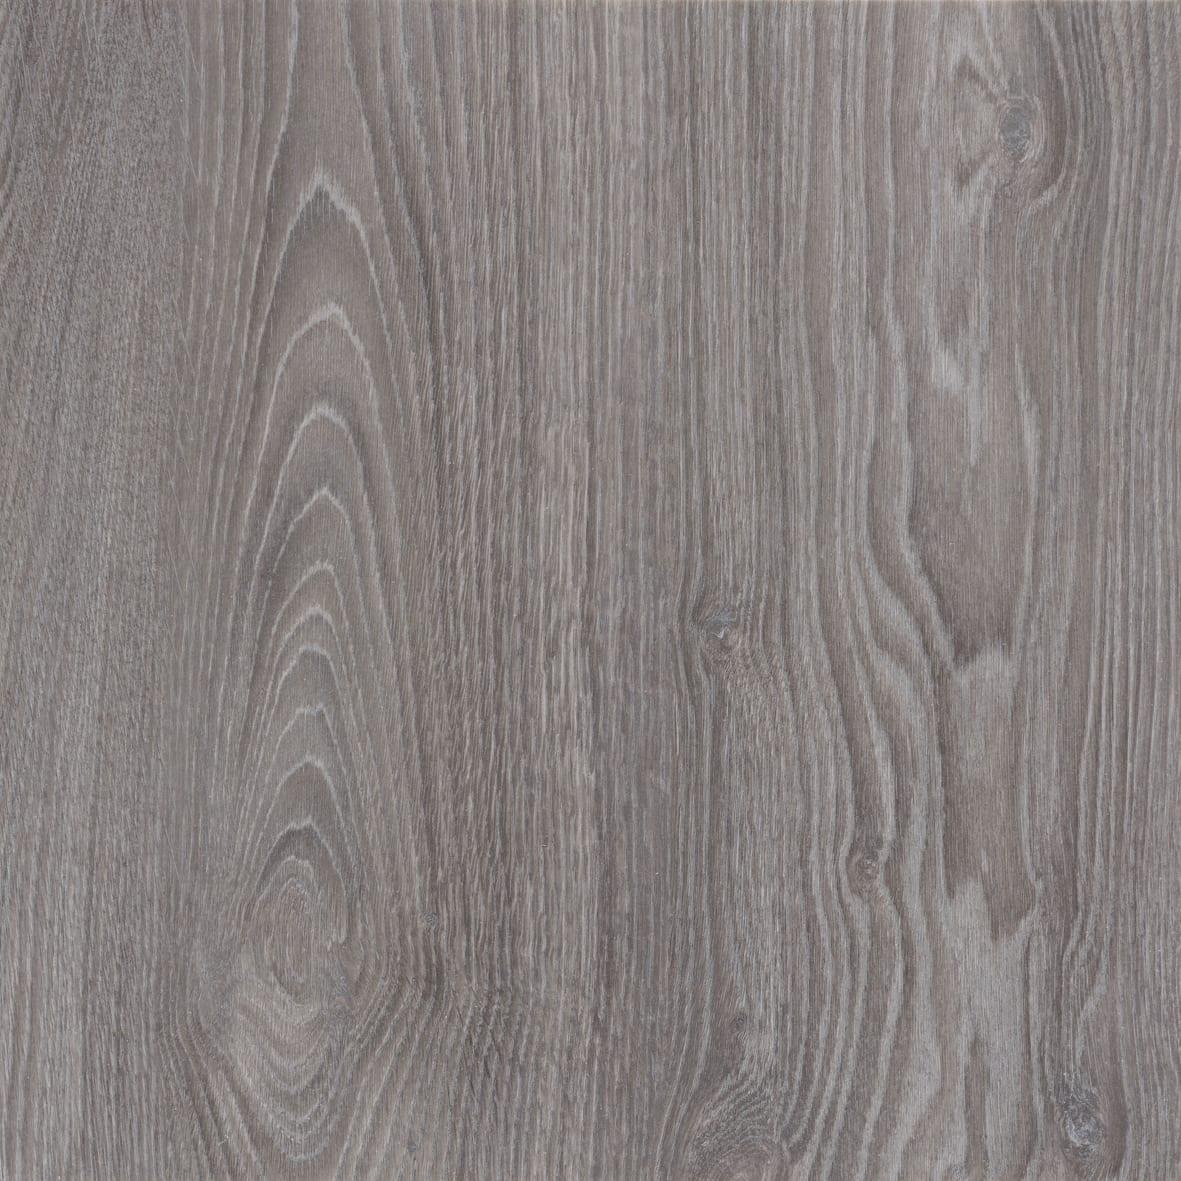 graue eiche vinyl laminat klick hdf g nstig sicher kaufen. Black Bedroom Furniture Sets. Home Design Ideas